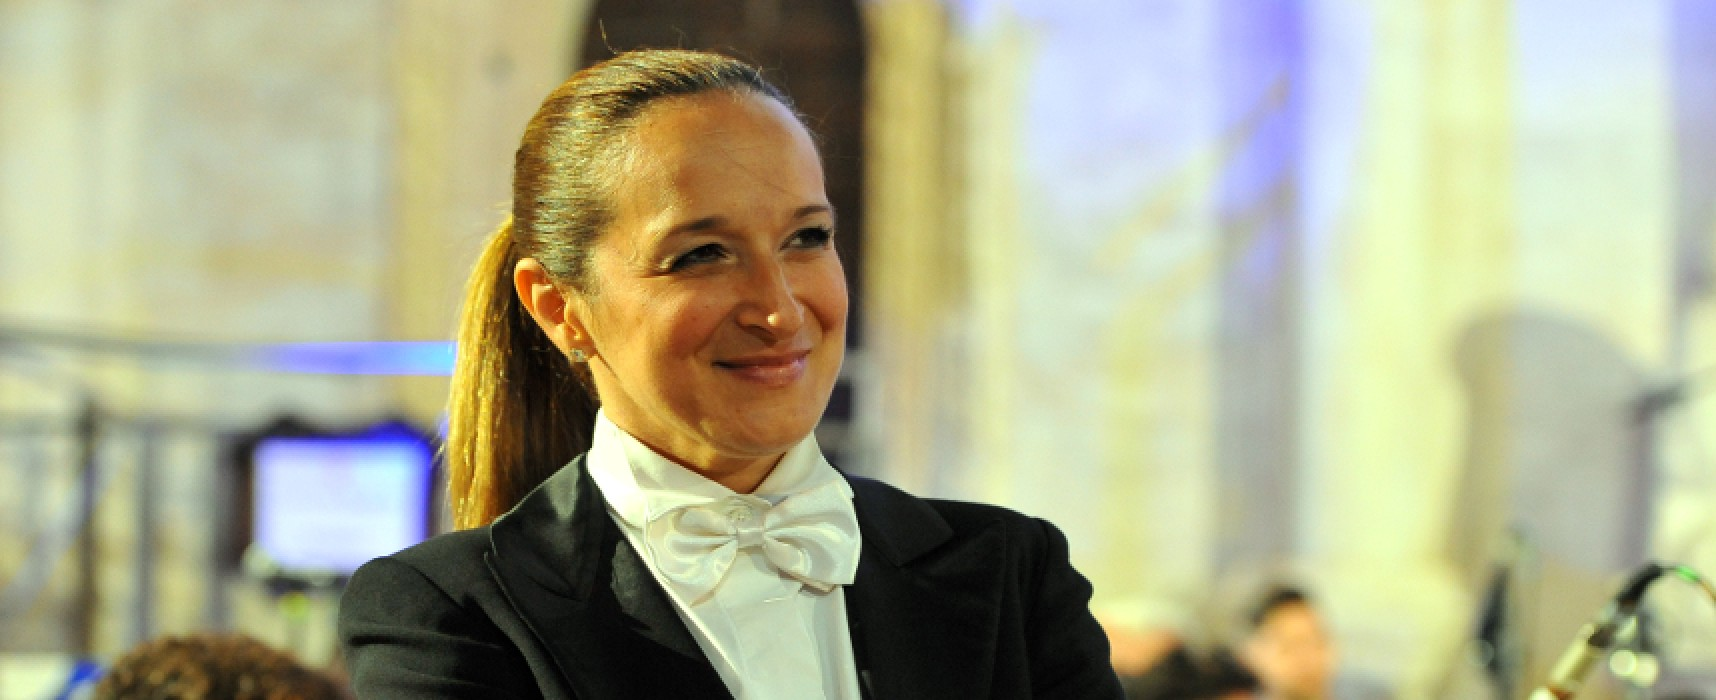 L'Orchestra Sinfonica Nazionale Ucraina di Kiev a Bisceglie per il Concerto dell'Epifania